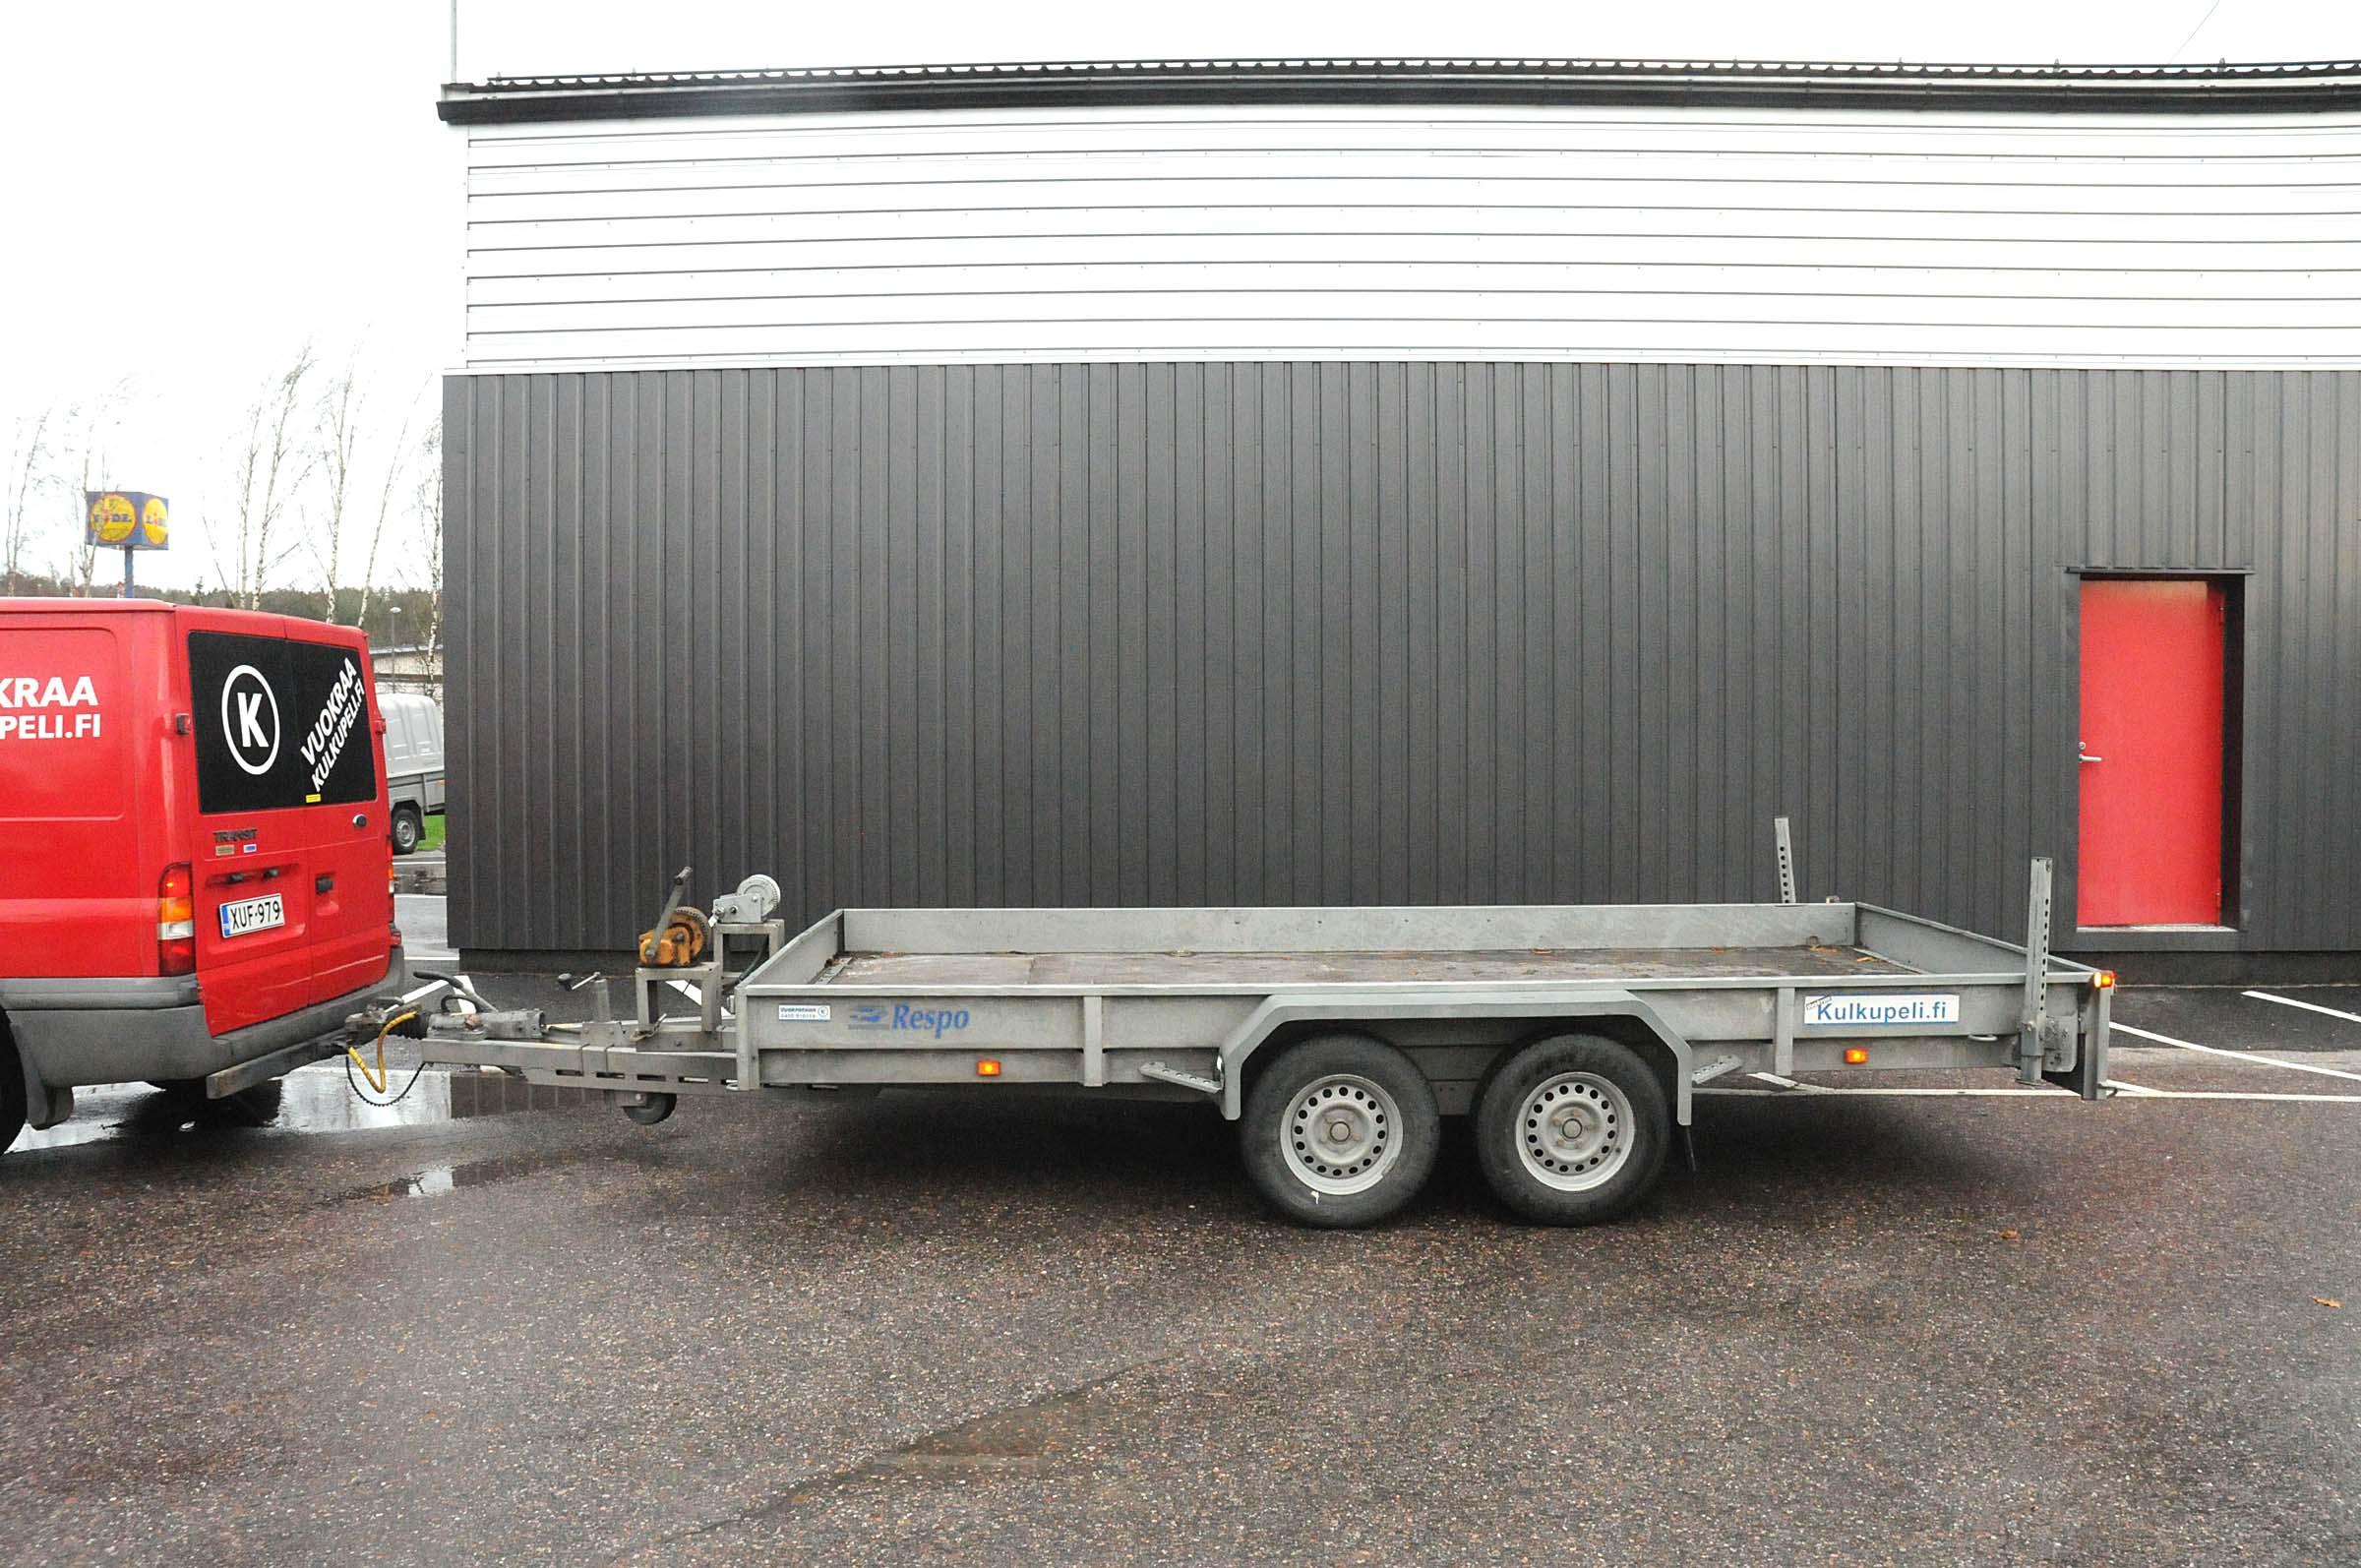 Autotraileri, DFJ-379 2675kg E- luokan ajokortti